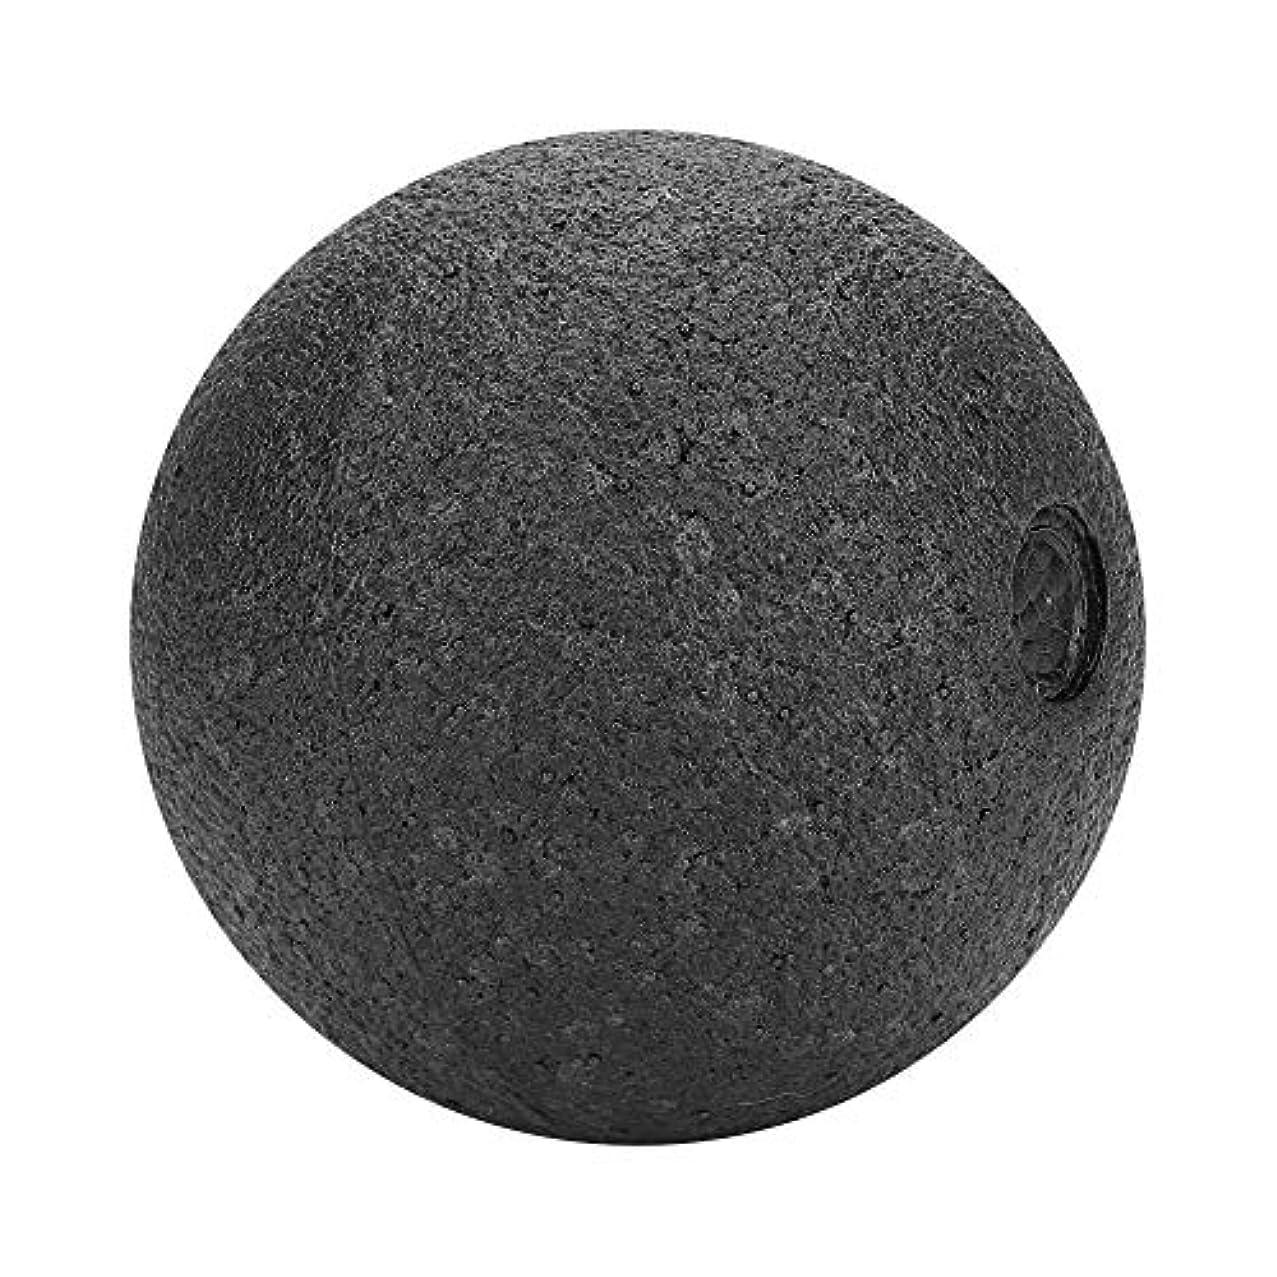 電話ネズミブリークマッサージボール ストレッチボール トリガーポイント マッサージボール 指圧ボールマッスルマッサージボール、首 腰 背中 肩こり 足裏 ツボ押しグッズ 疲労回復 むくみ解消